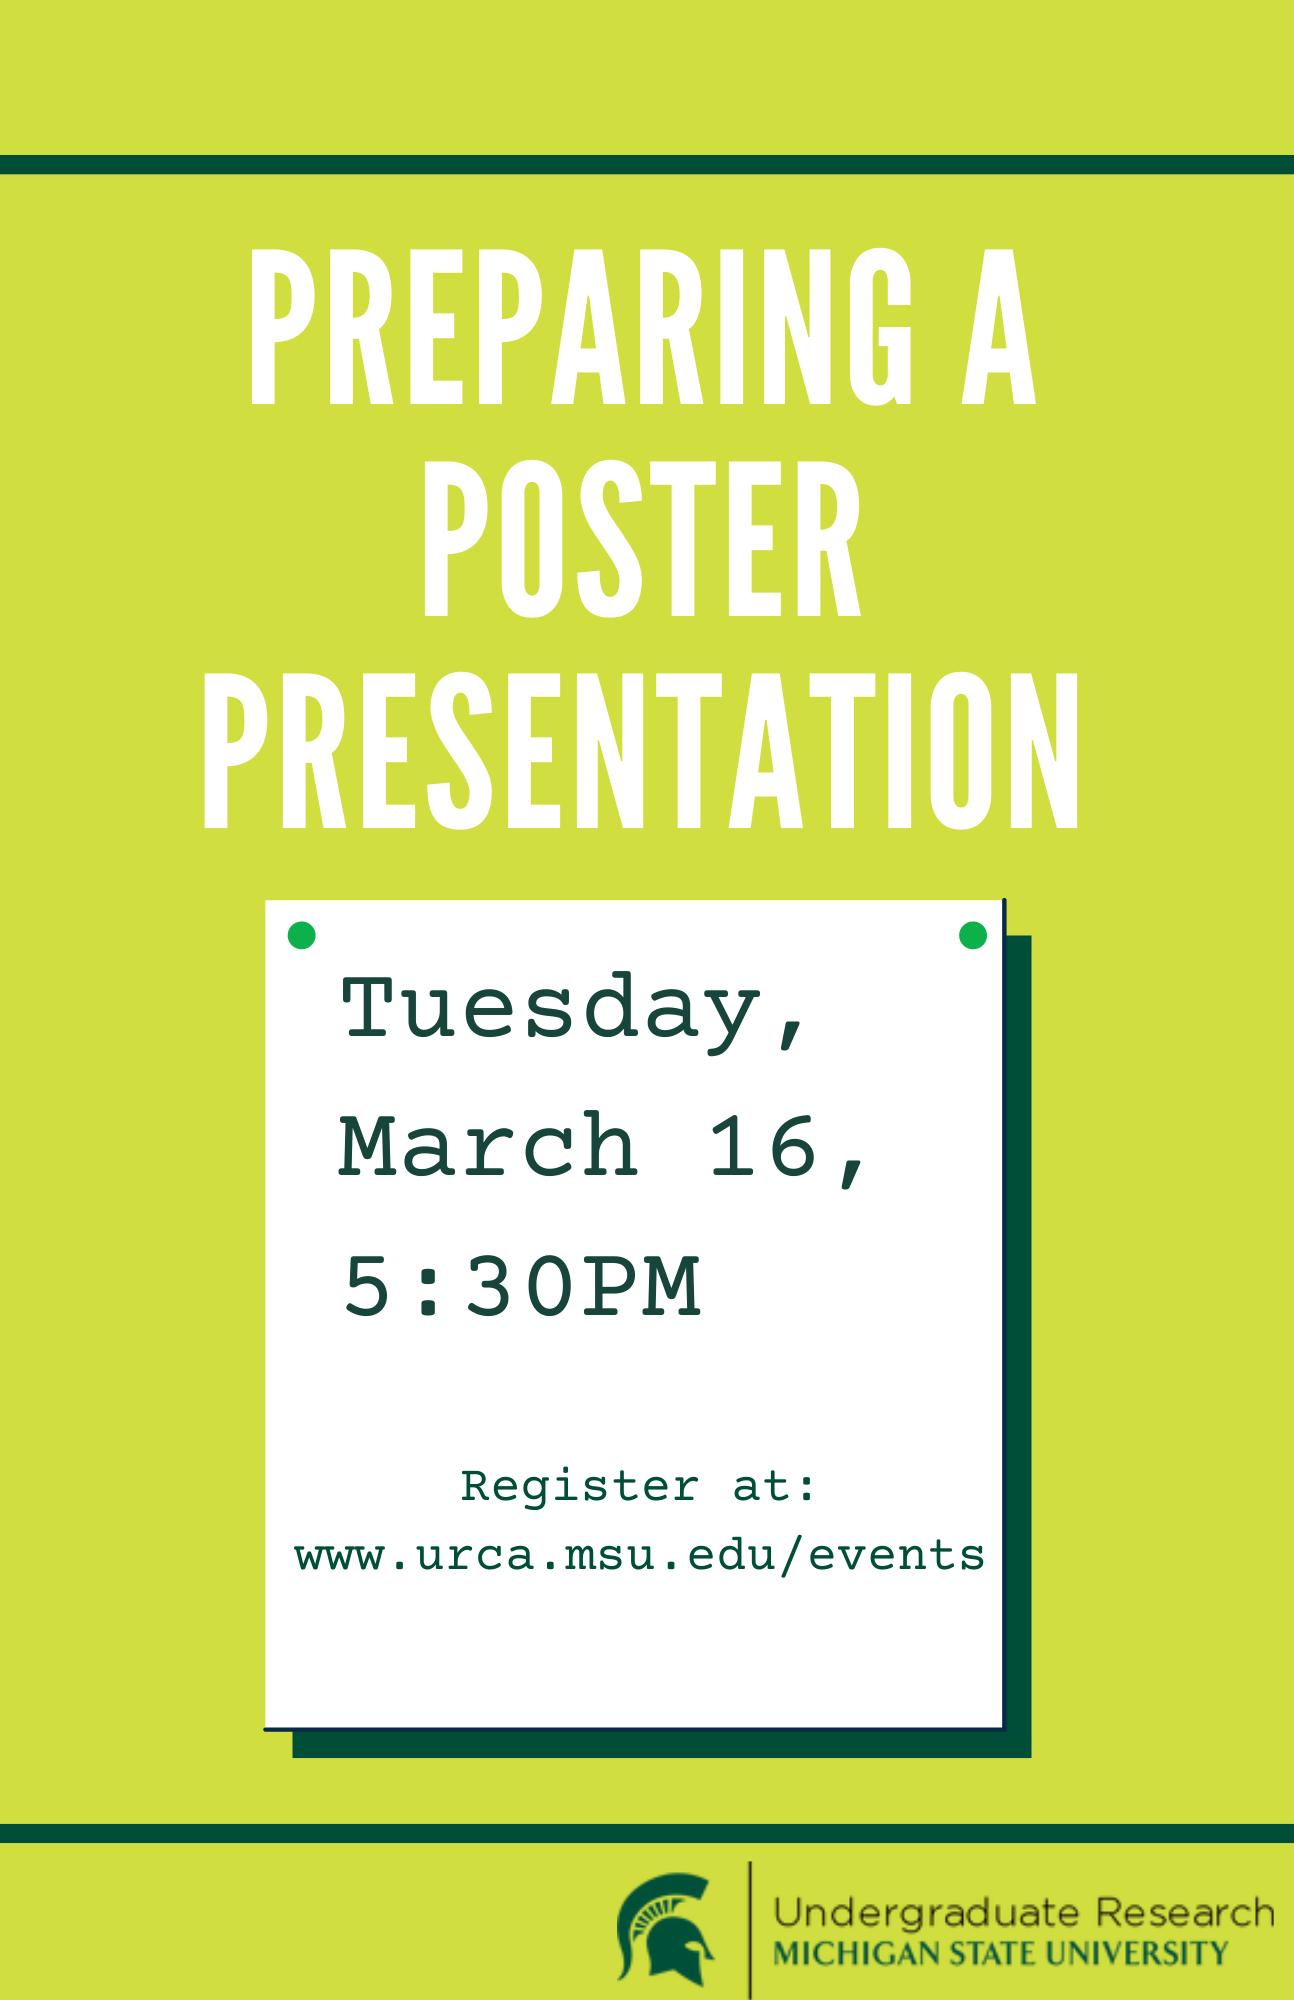 preparing poster presentations